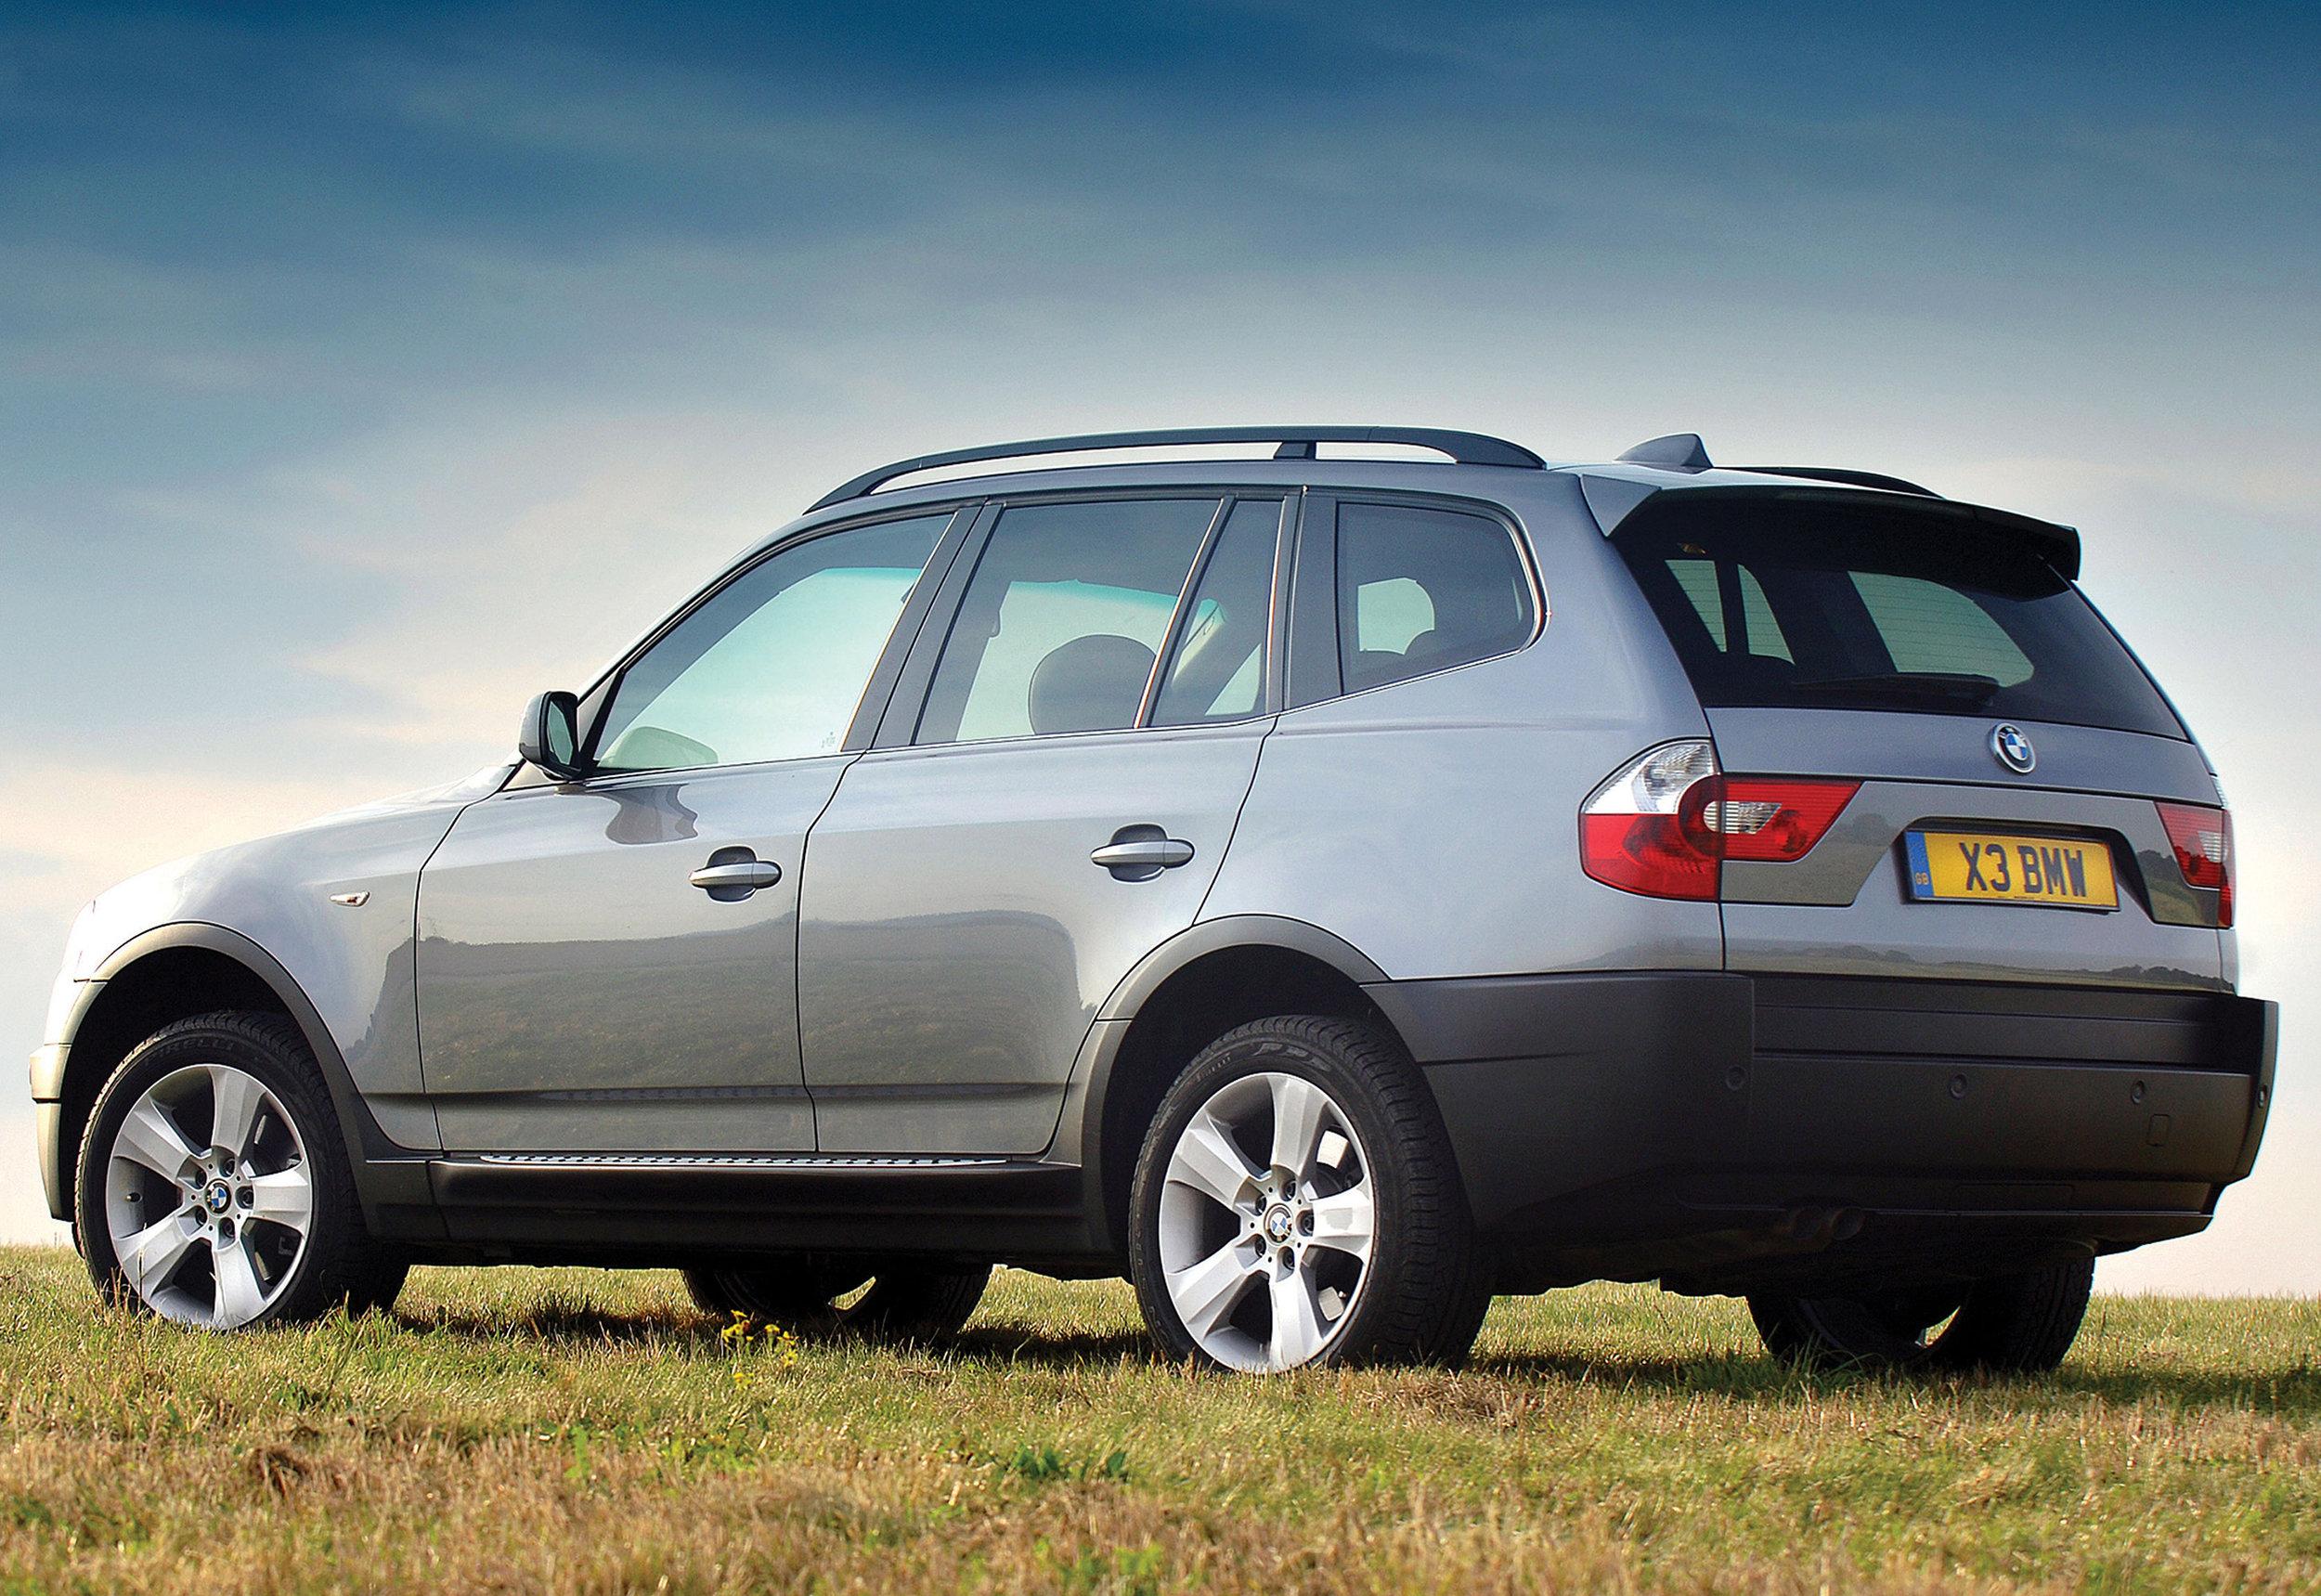 BMW-X3-Mk1-03.jpg